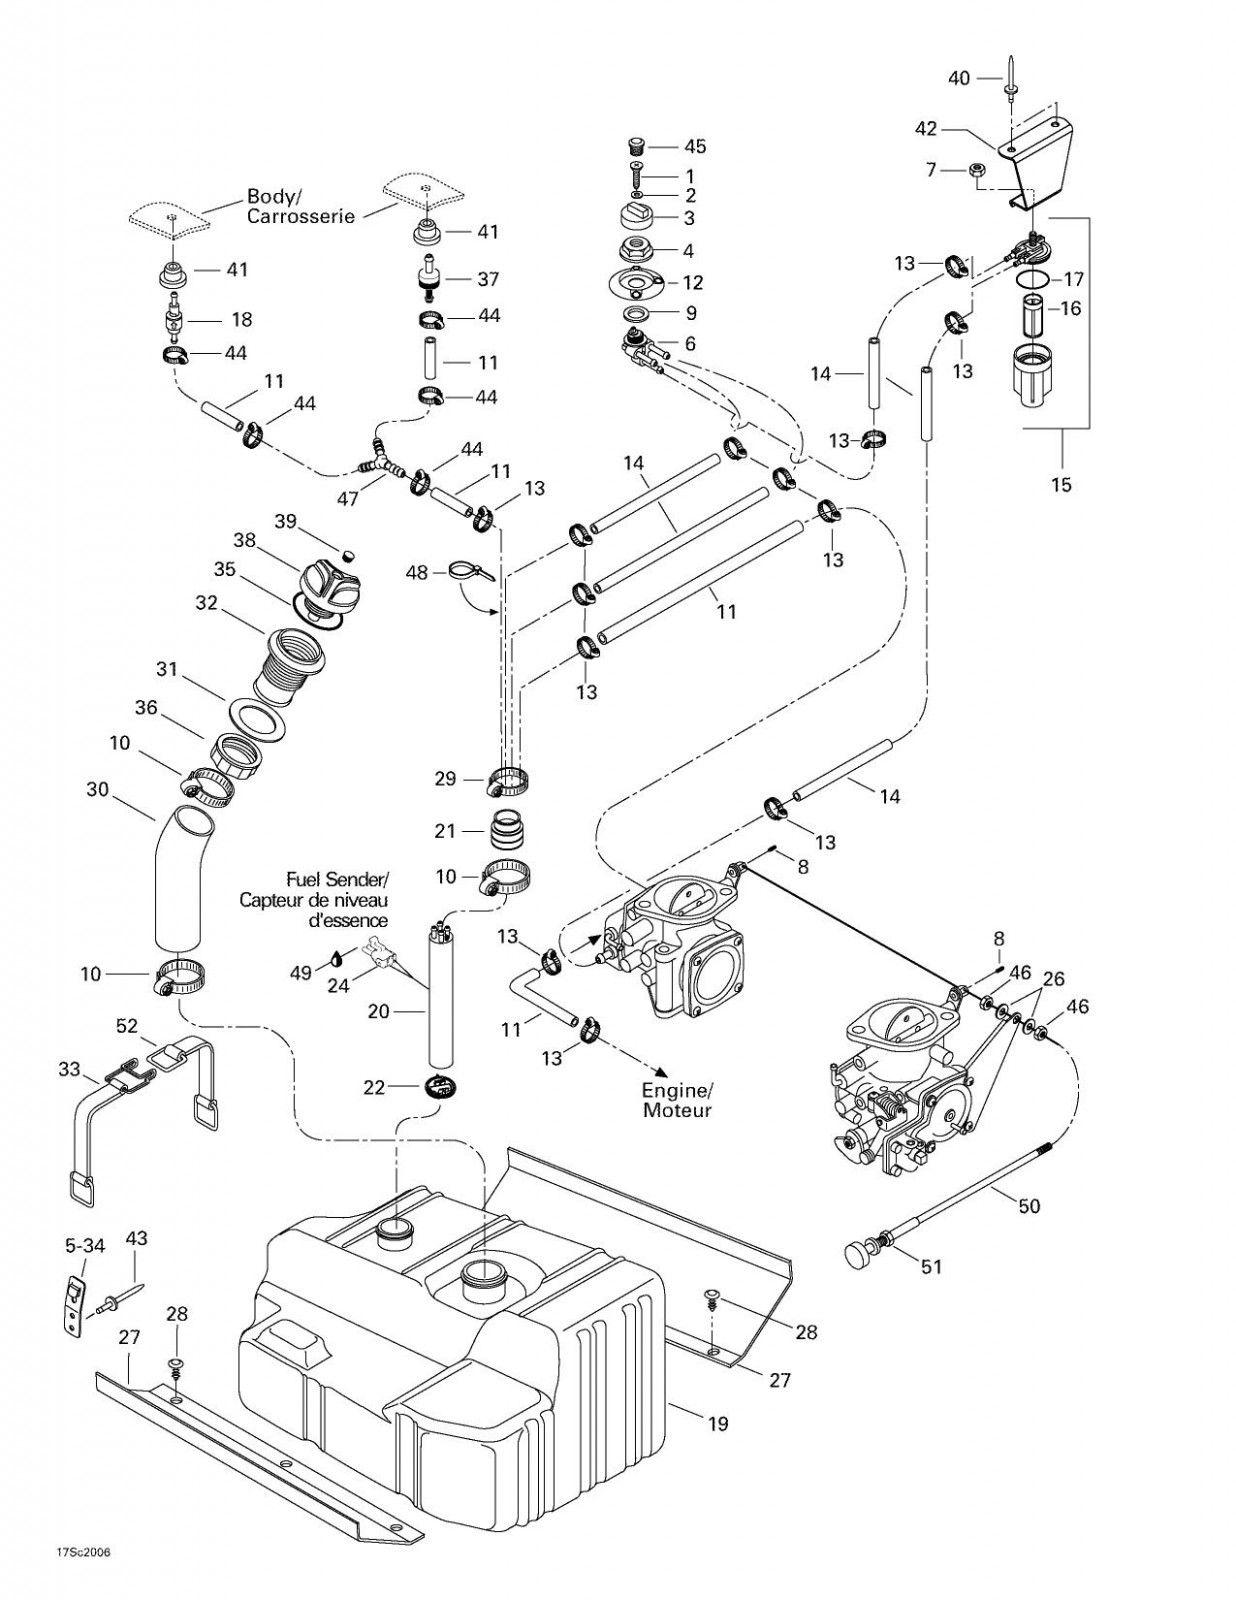 Seadoo 7 Engine Diagram Pdf di 2020